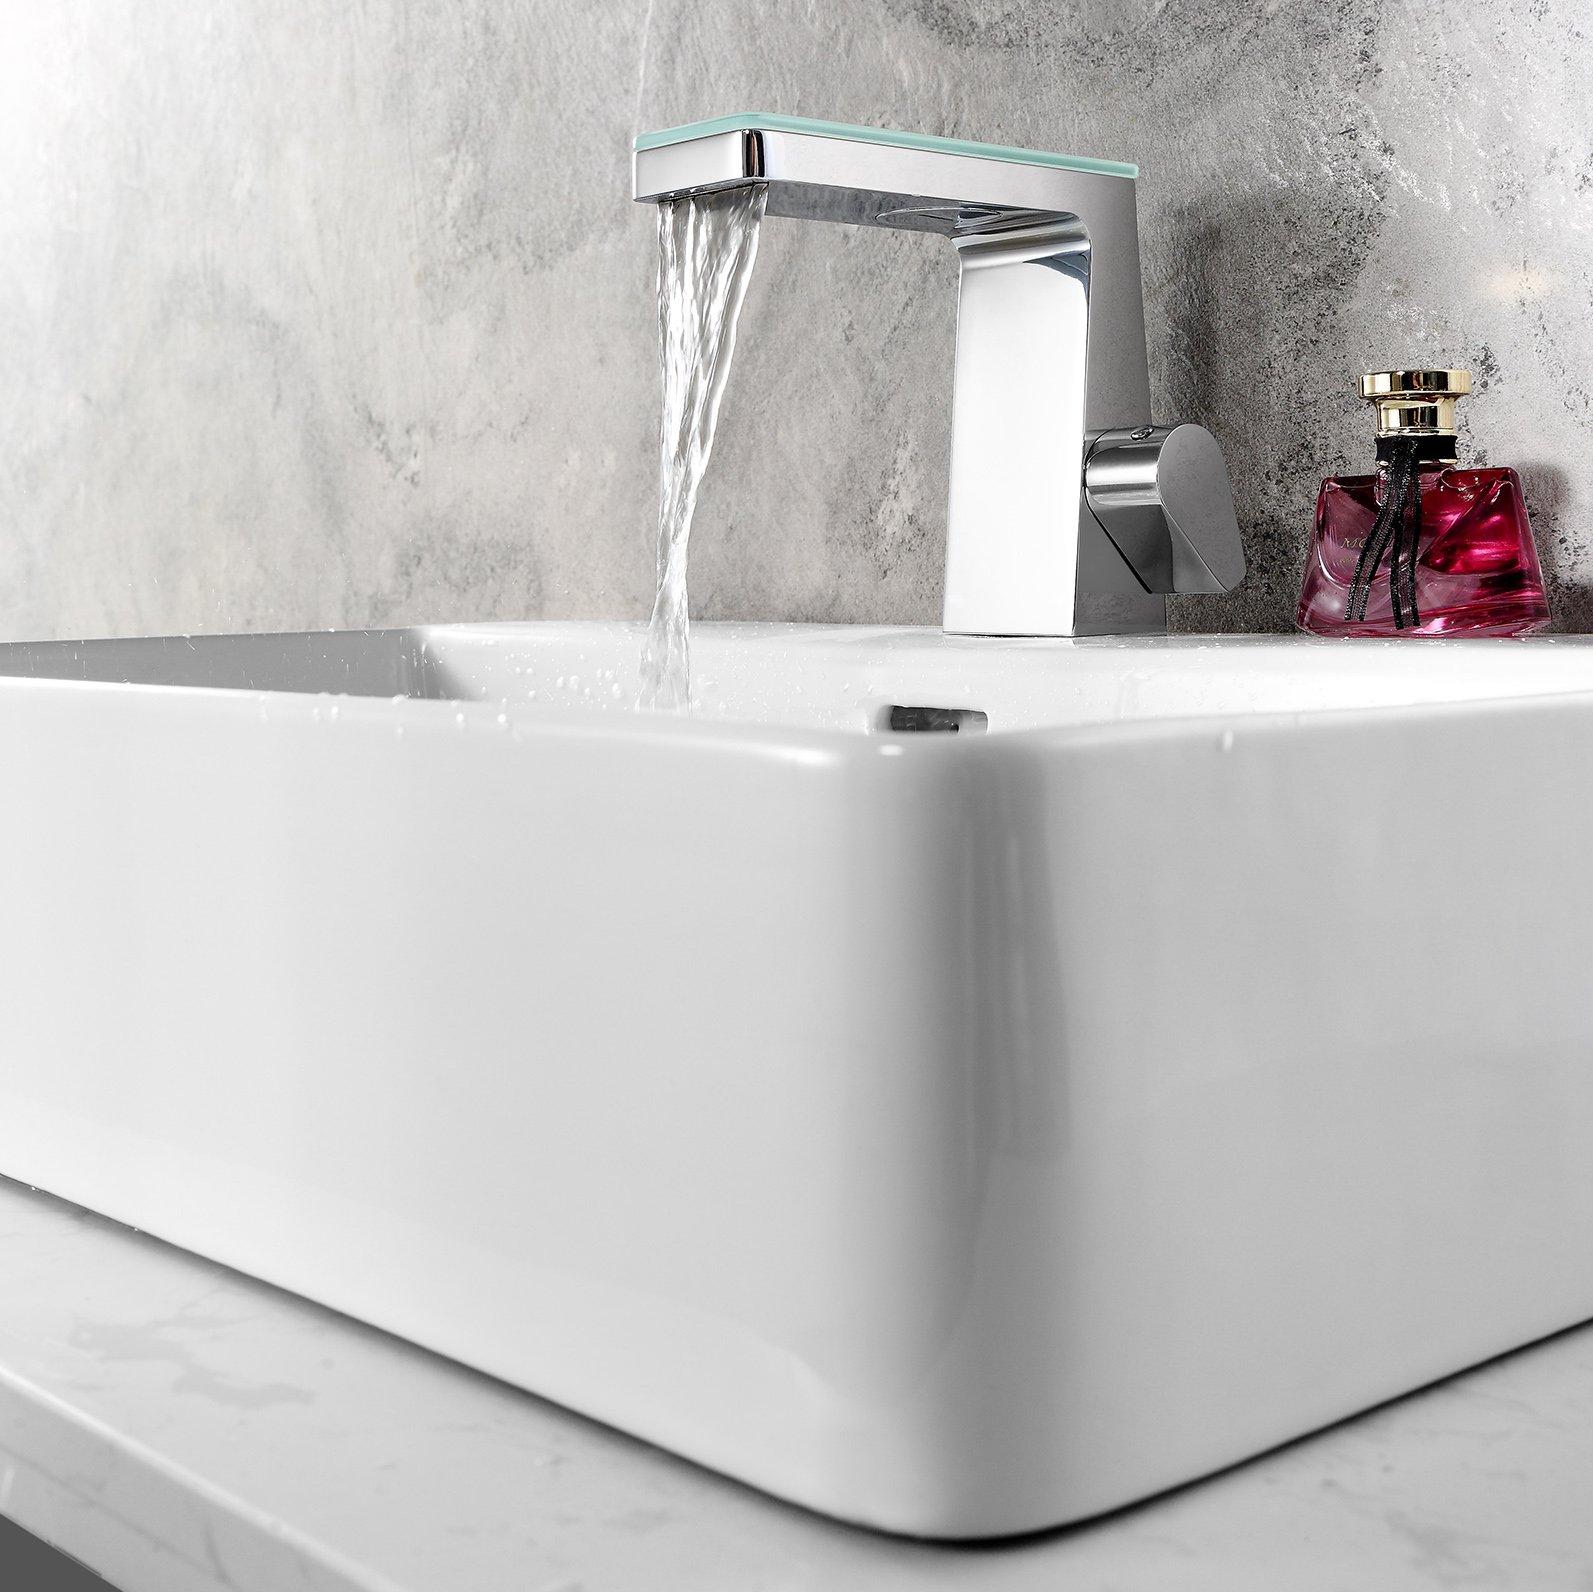 Design Wasserfall Waschtischarmatur NT7320 - Wasserhahn in Chrom zoom thumbnail 3